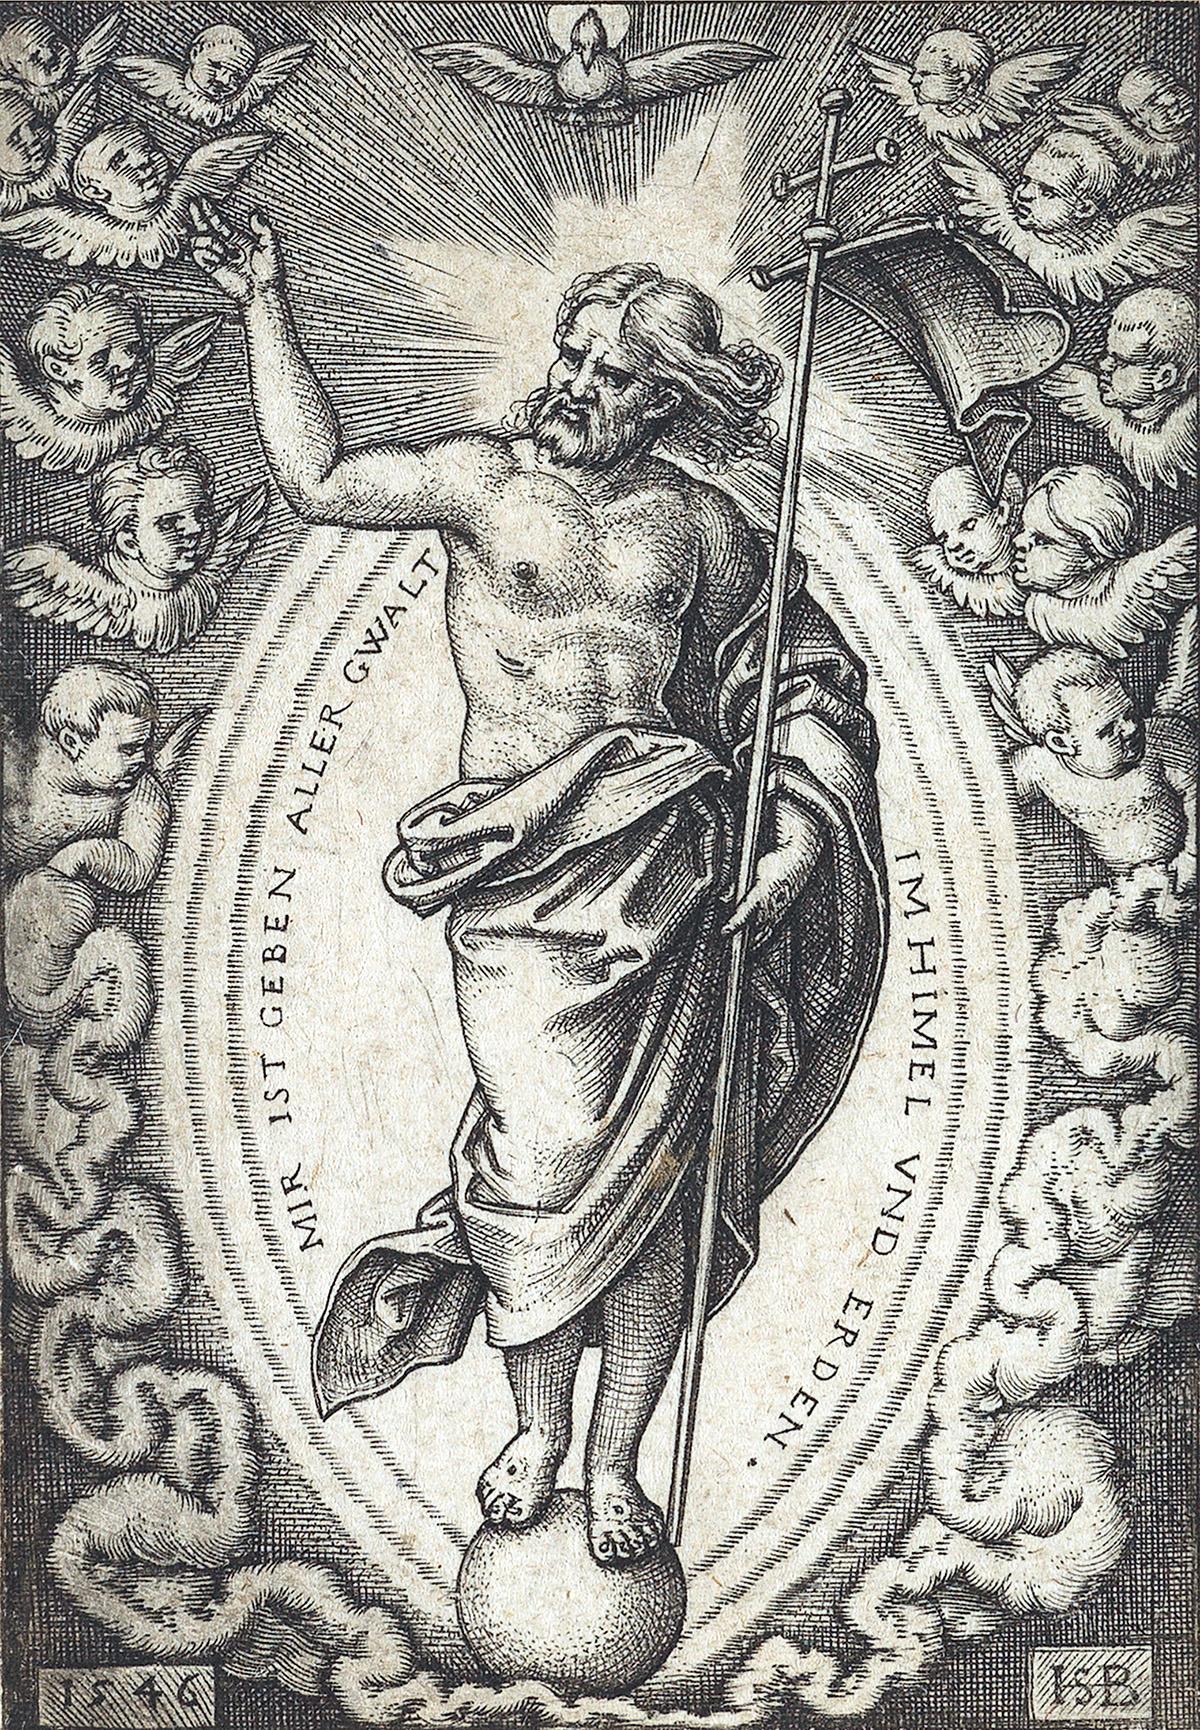 HANS SEBALD BEHAM Group of 5 engravings.